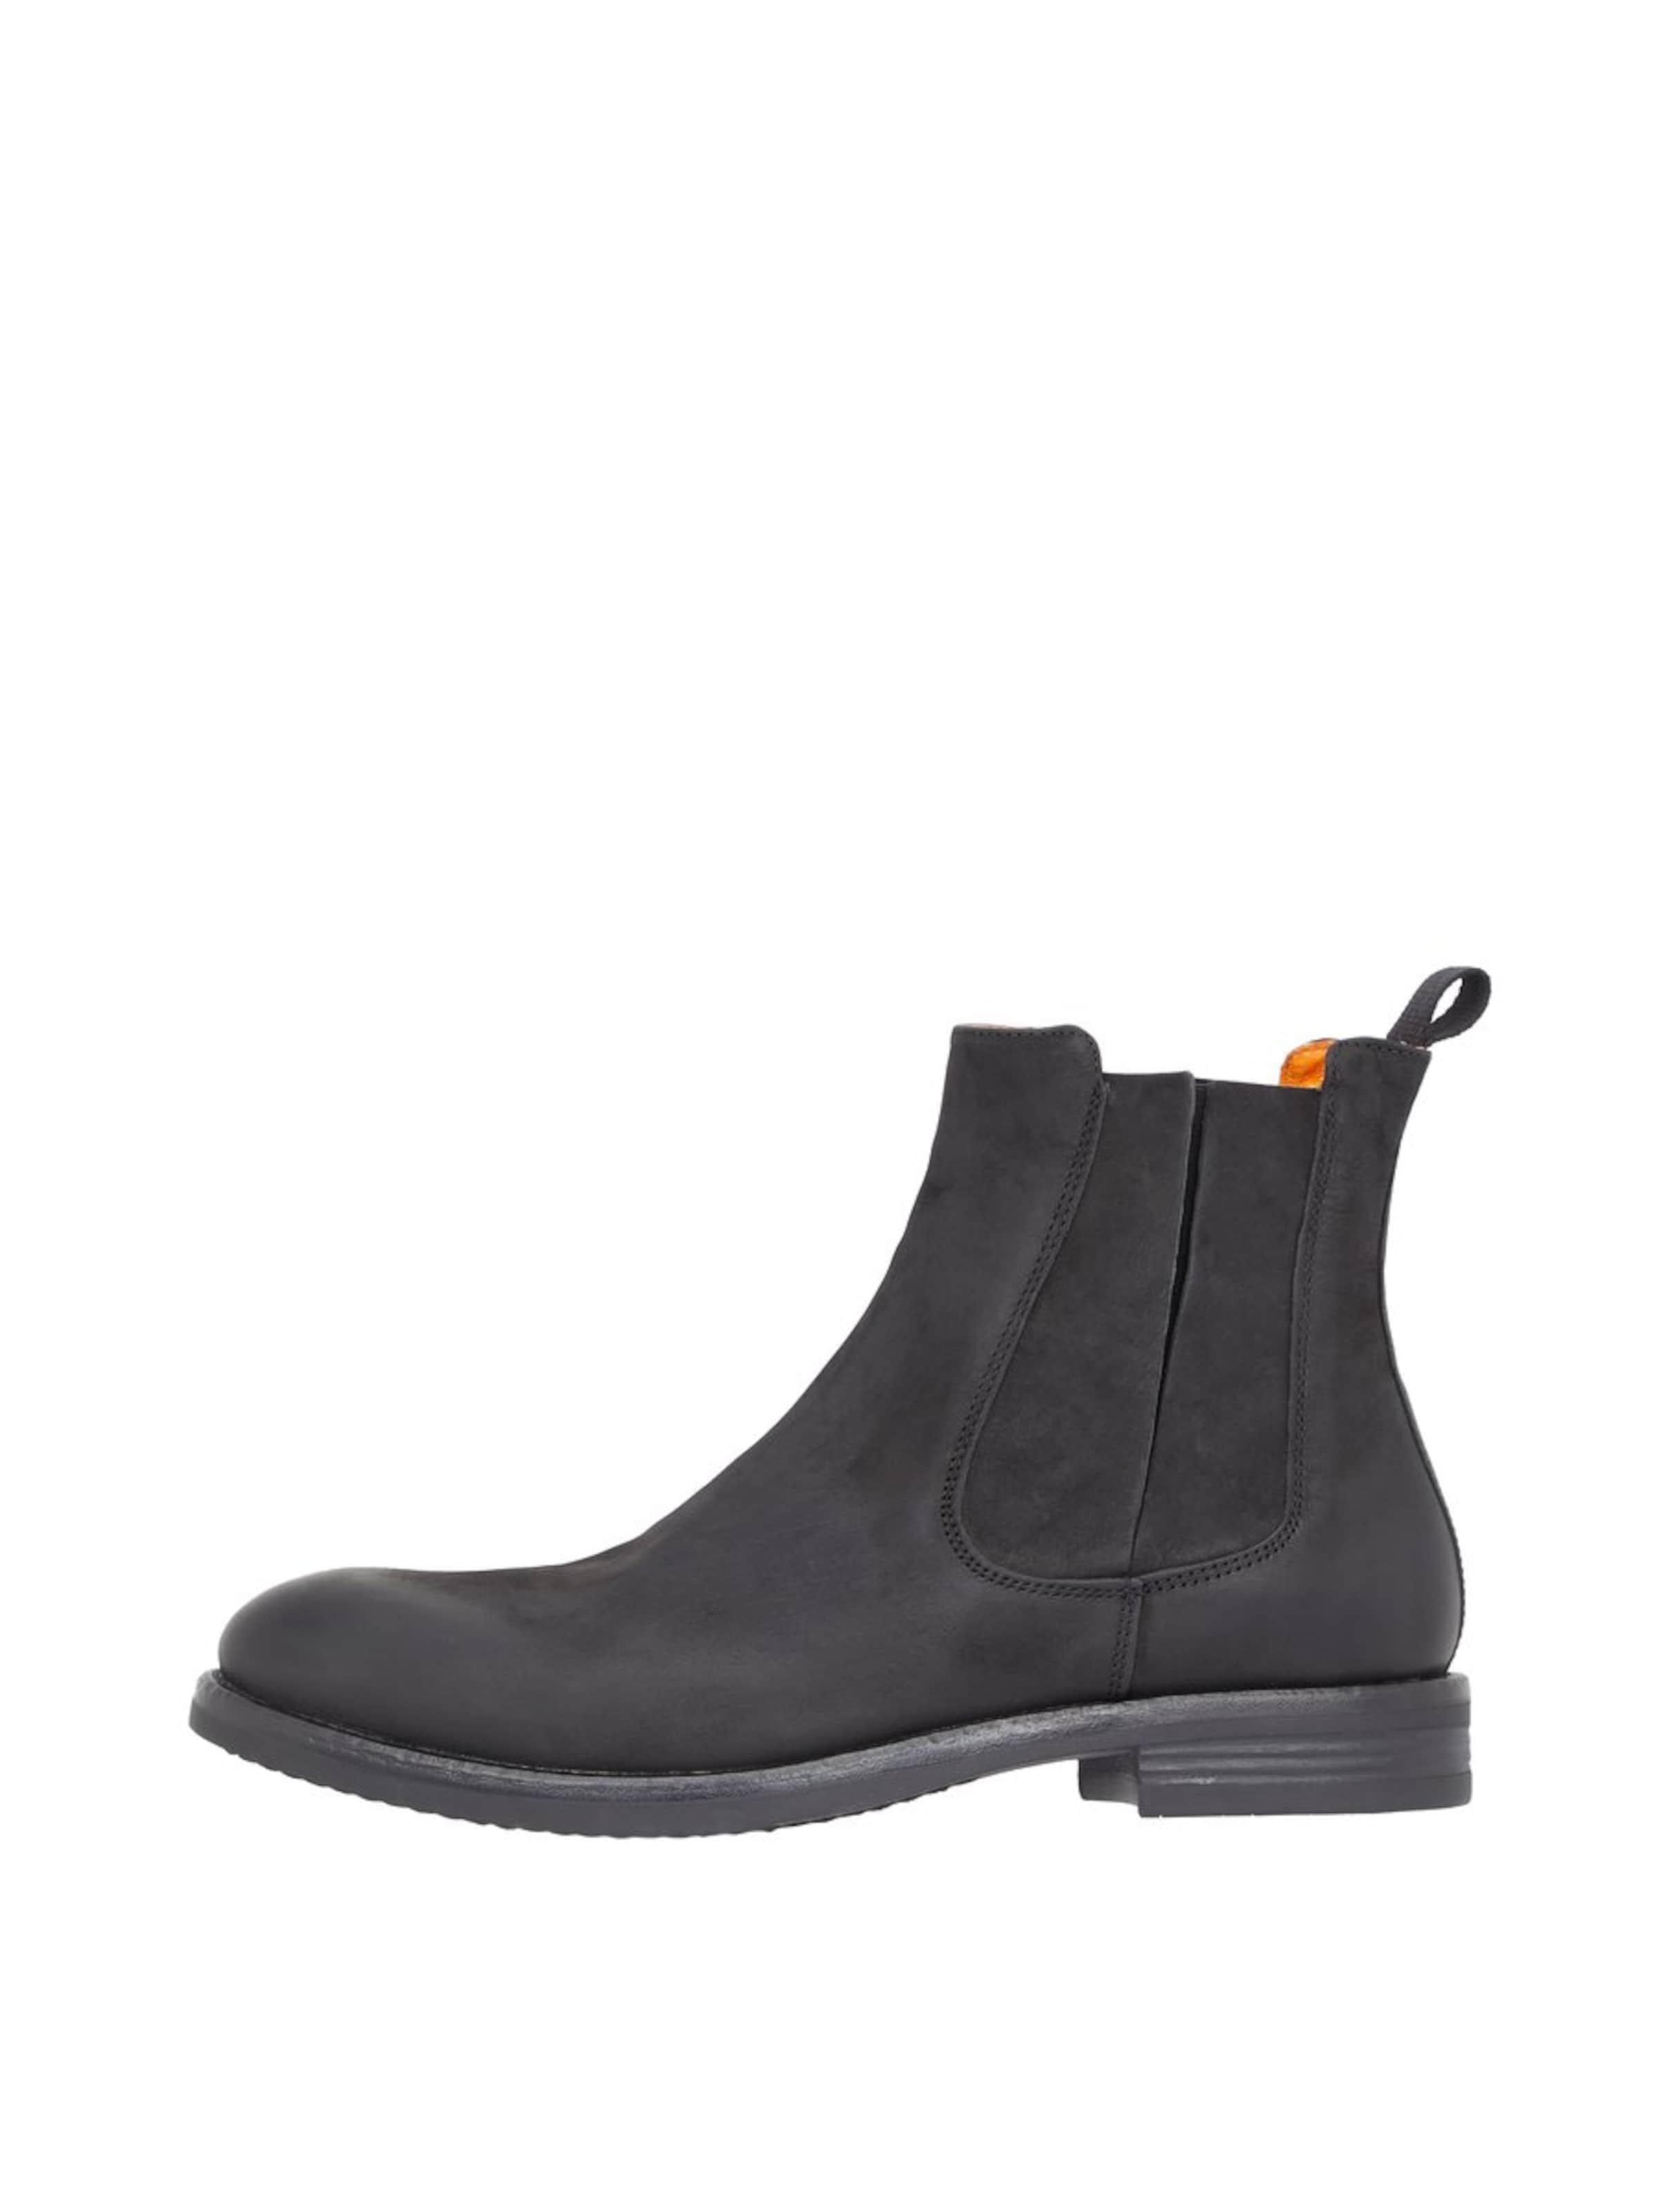 Boots Bianco Schwarzmeliert In Chelsea 'ace' tohQBsCrdx